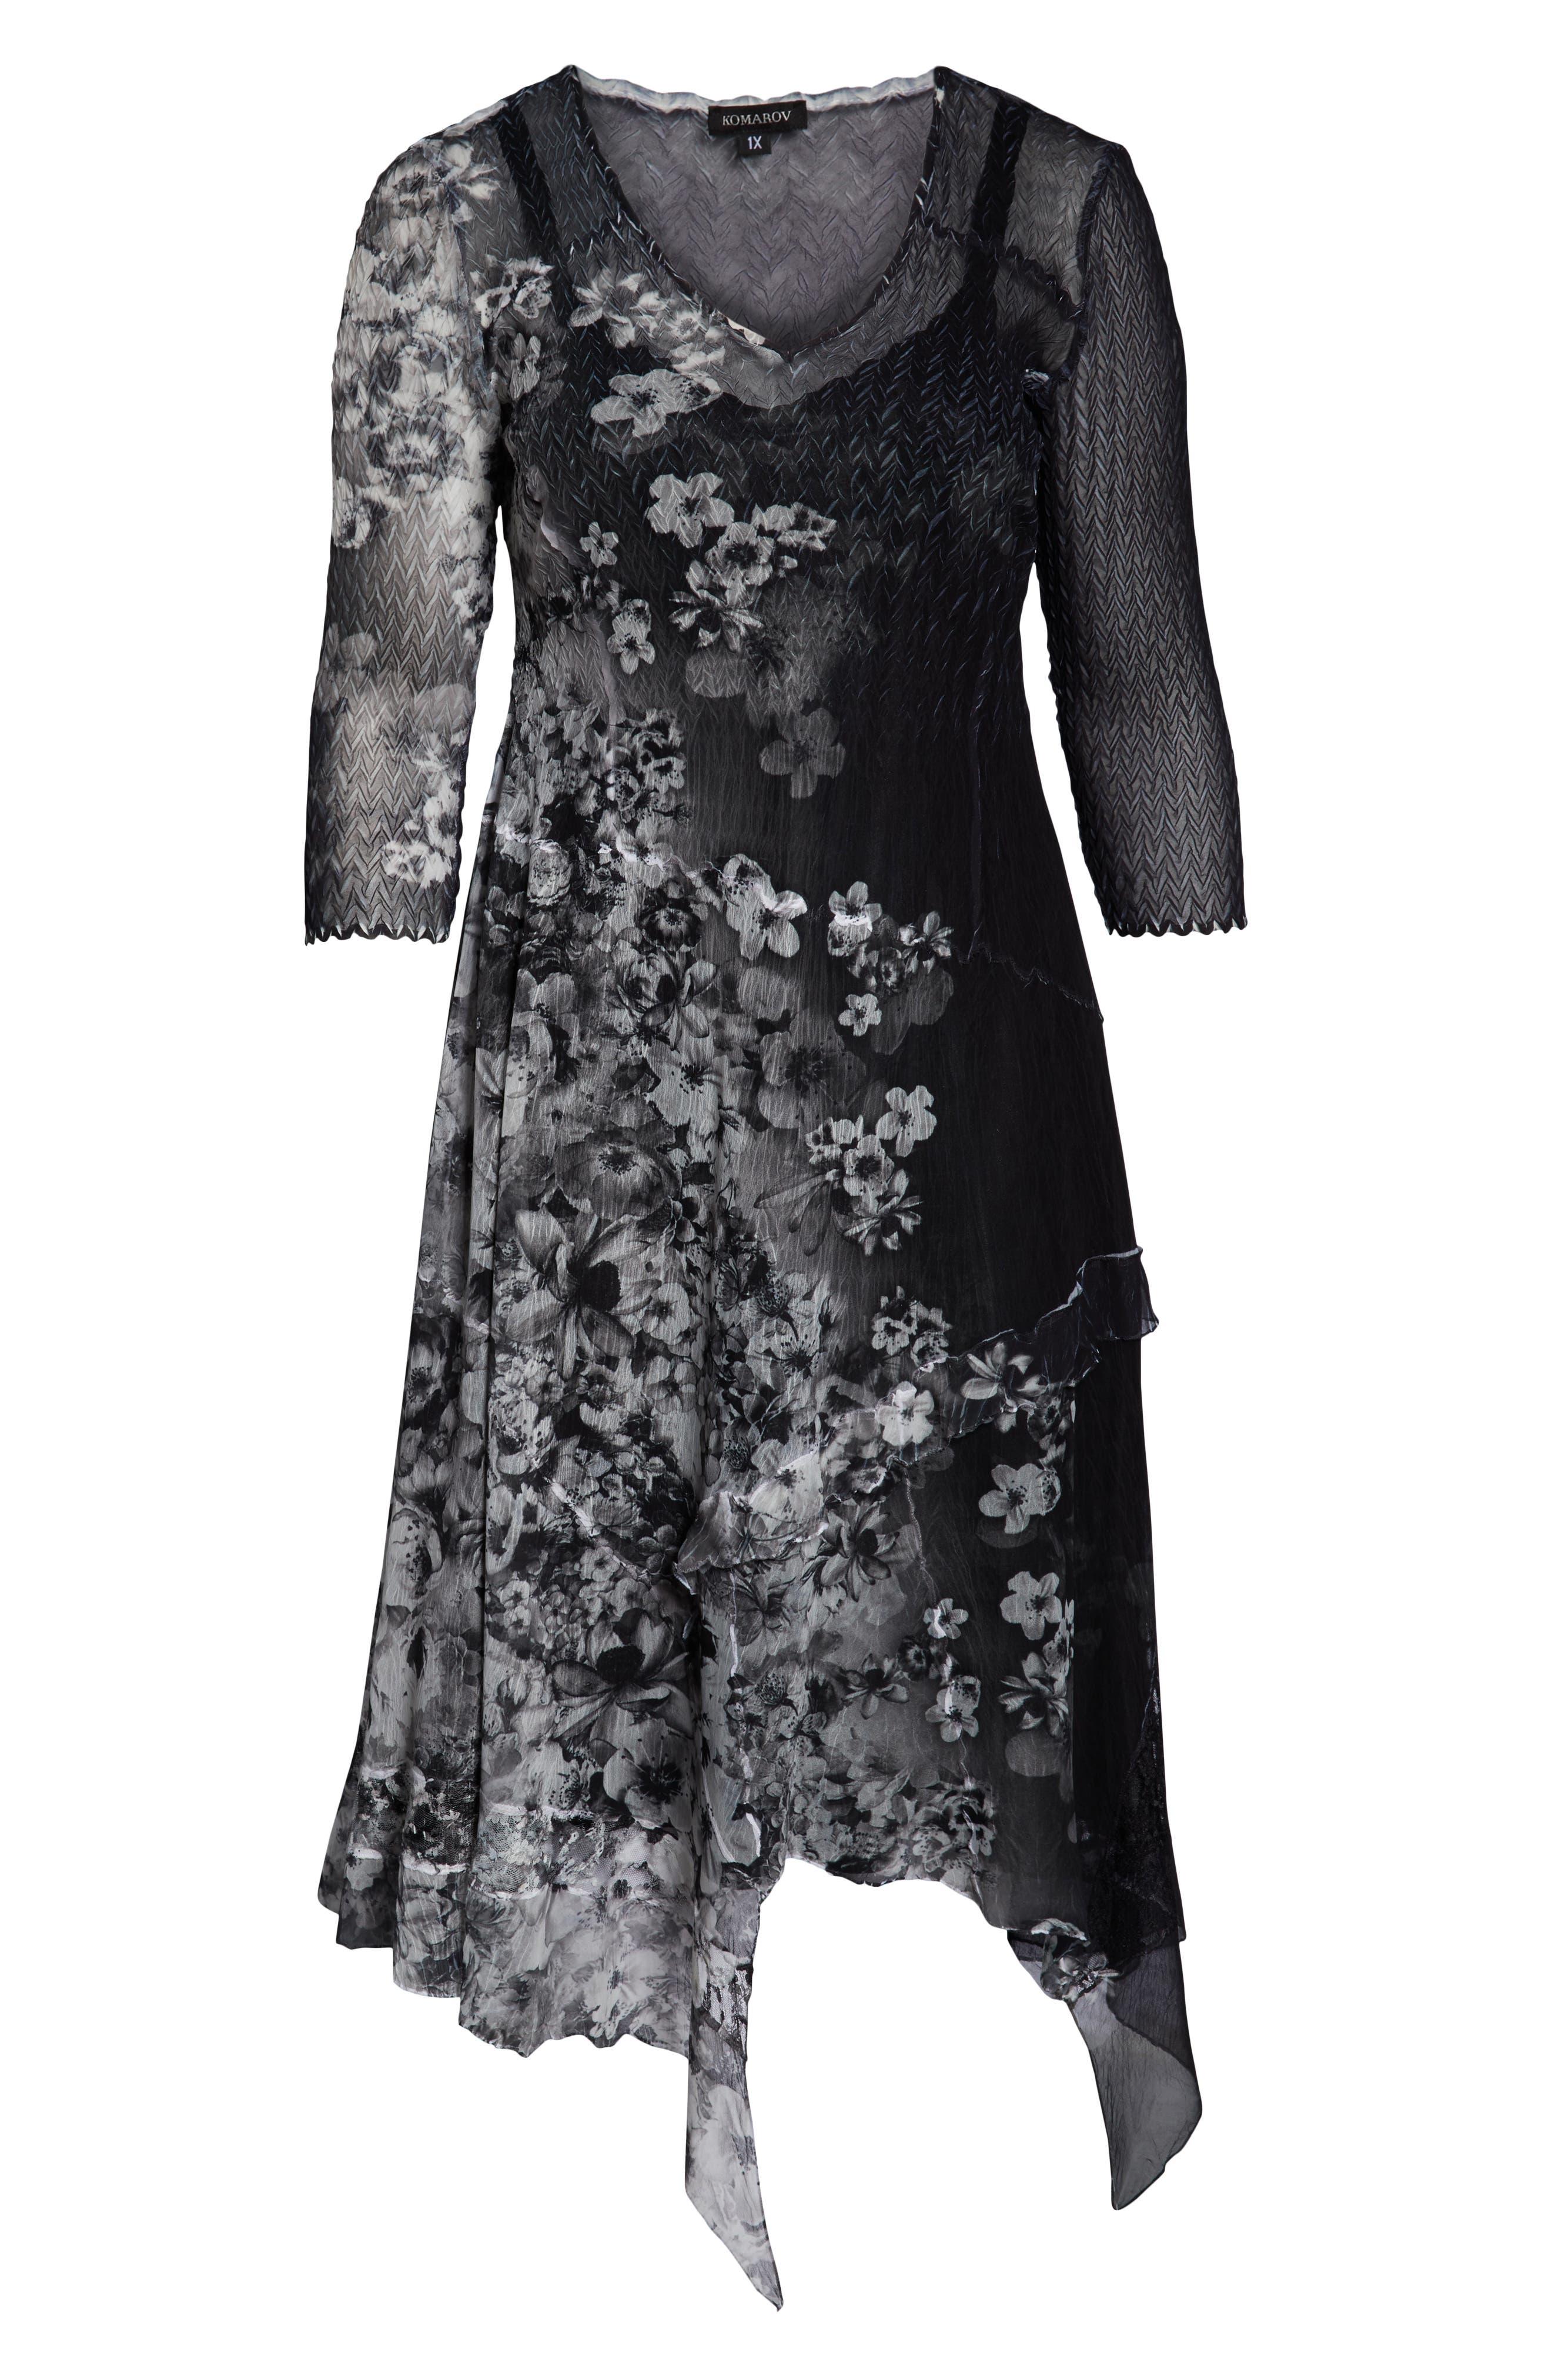 KOMAROV, Handkerchief Hem Cocktail Dress, Alternate thumbnail 7, color, MOONLIGHT BLOOM